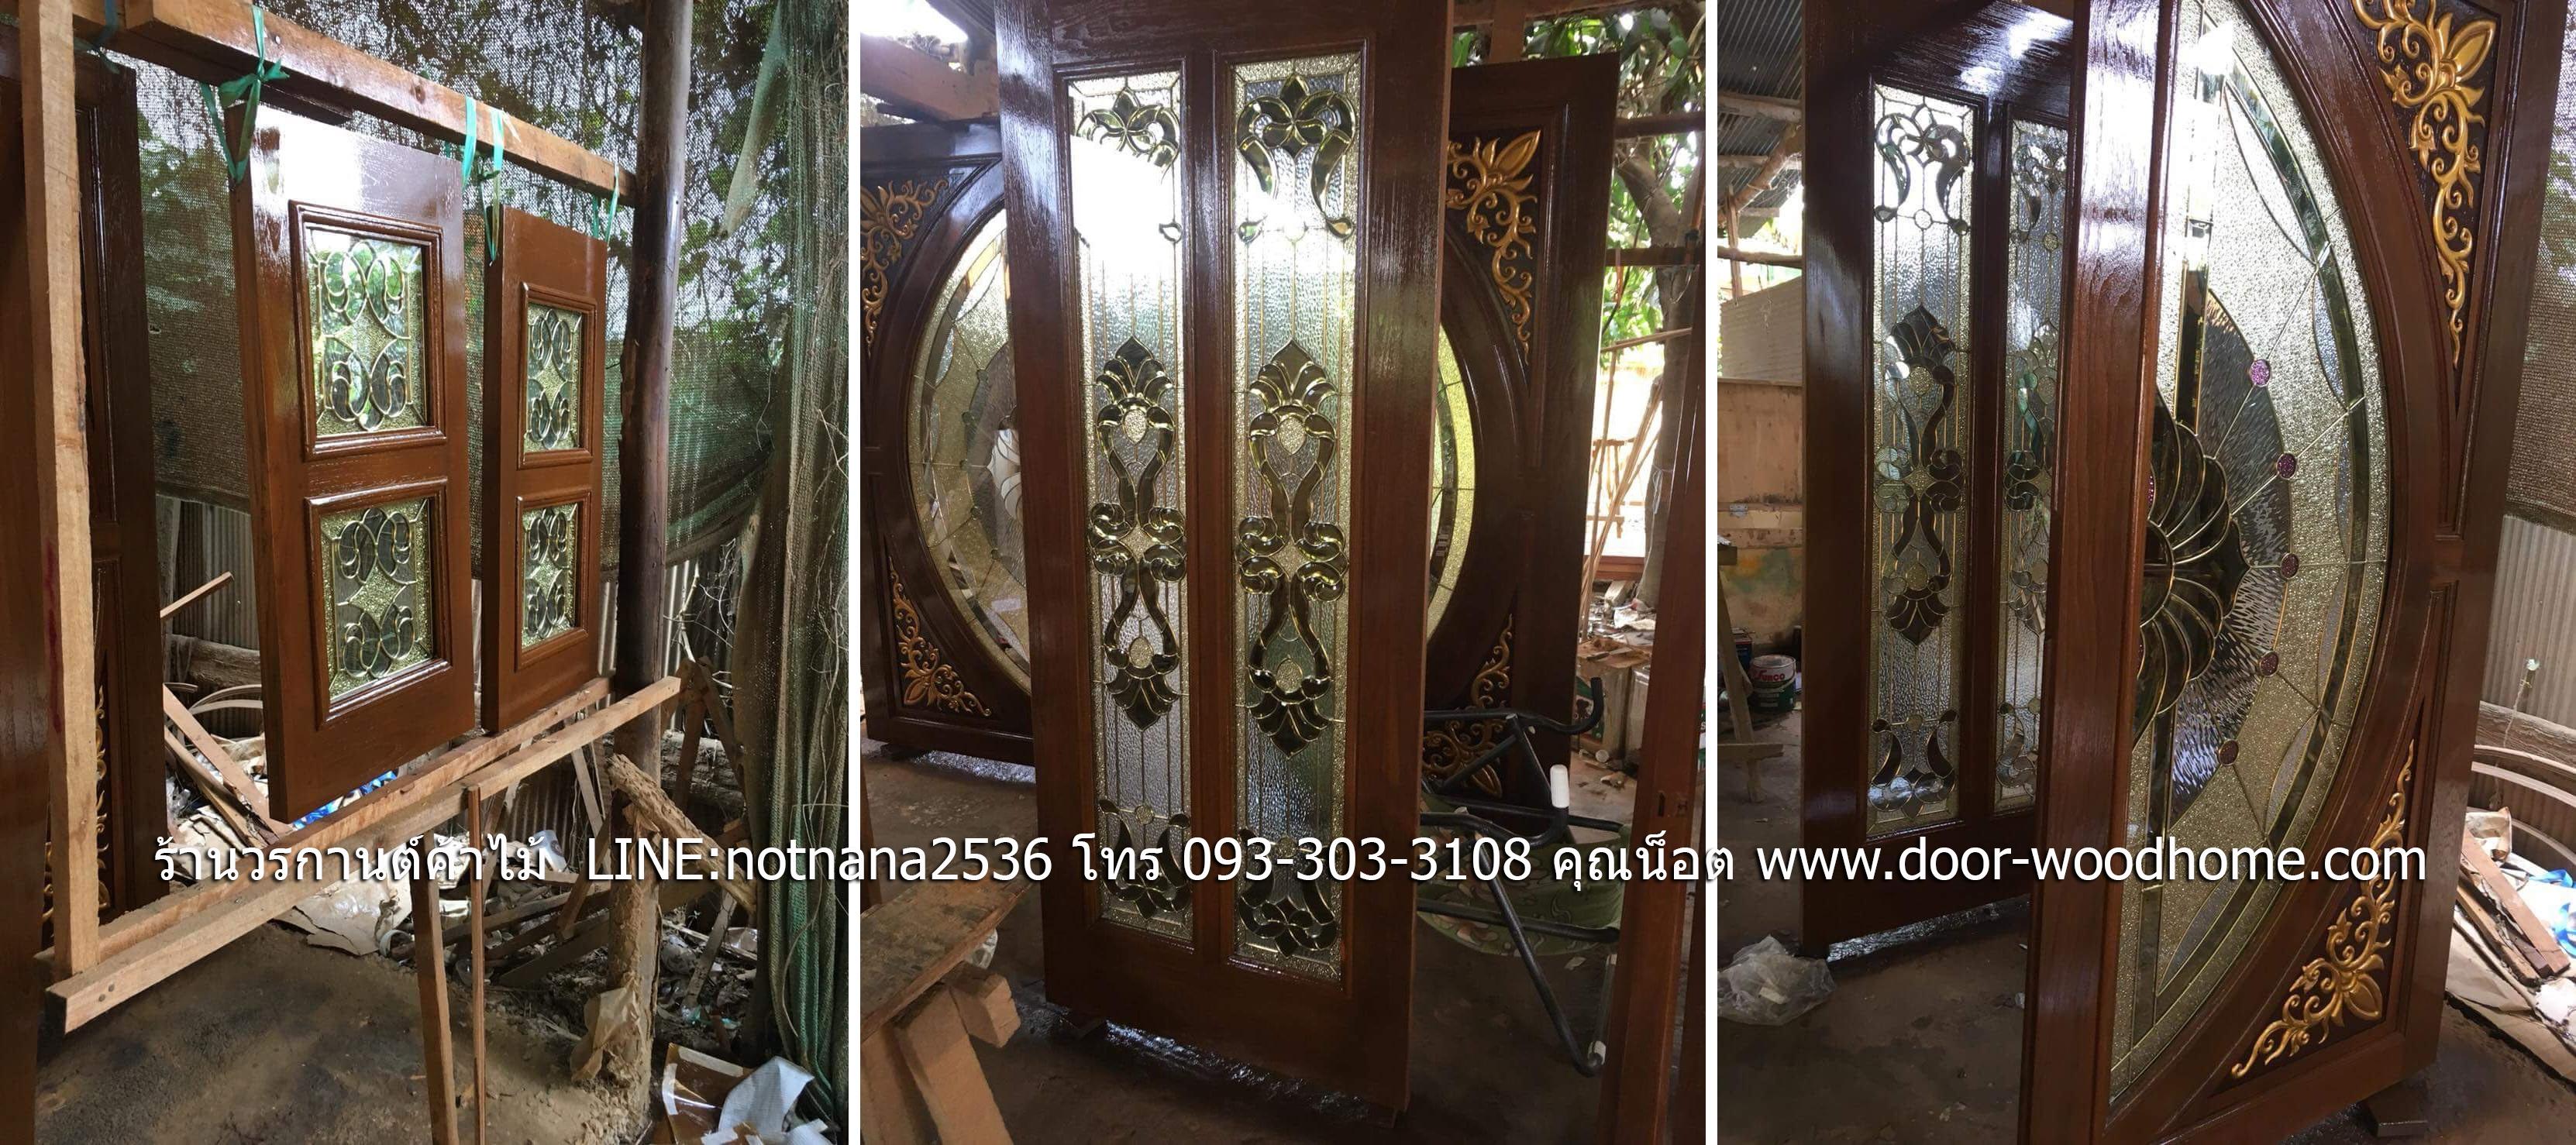 ประตูไม้สักกระจกนิรภัย ชุด7ชิ้น รหัส AAA125